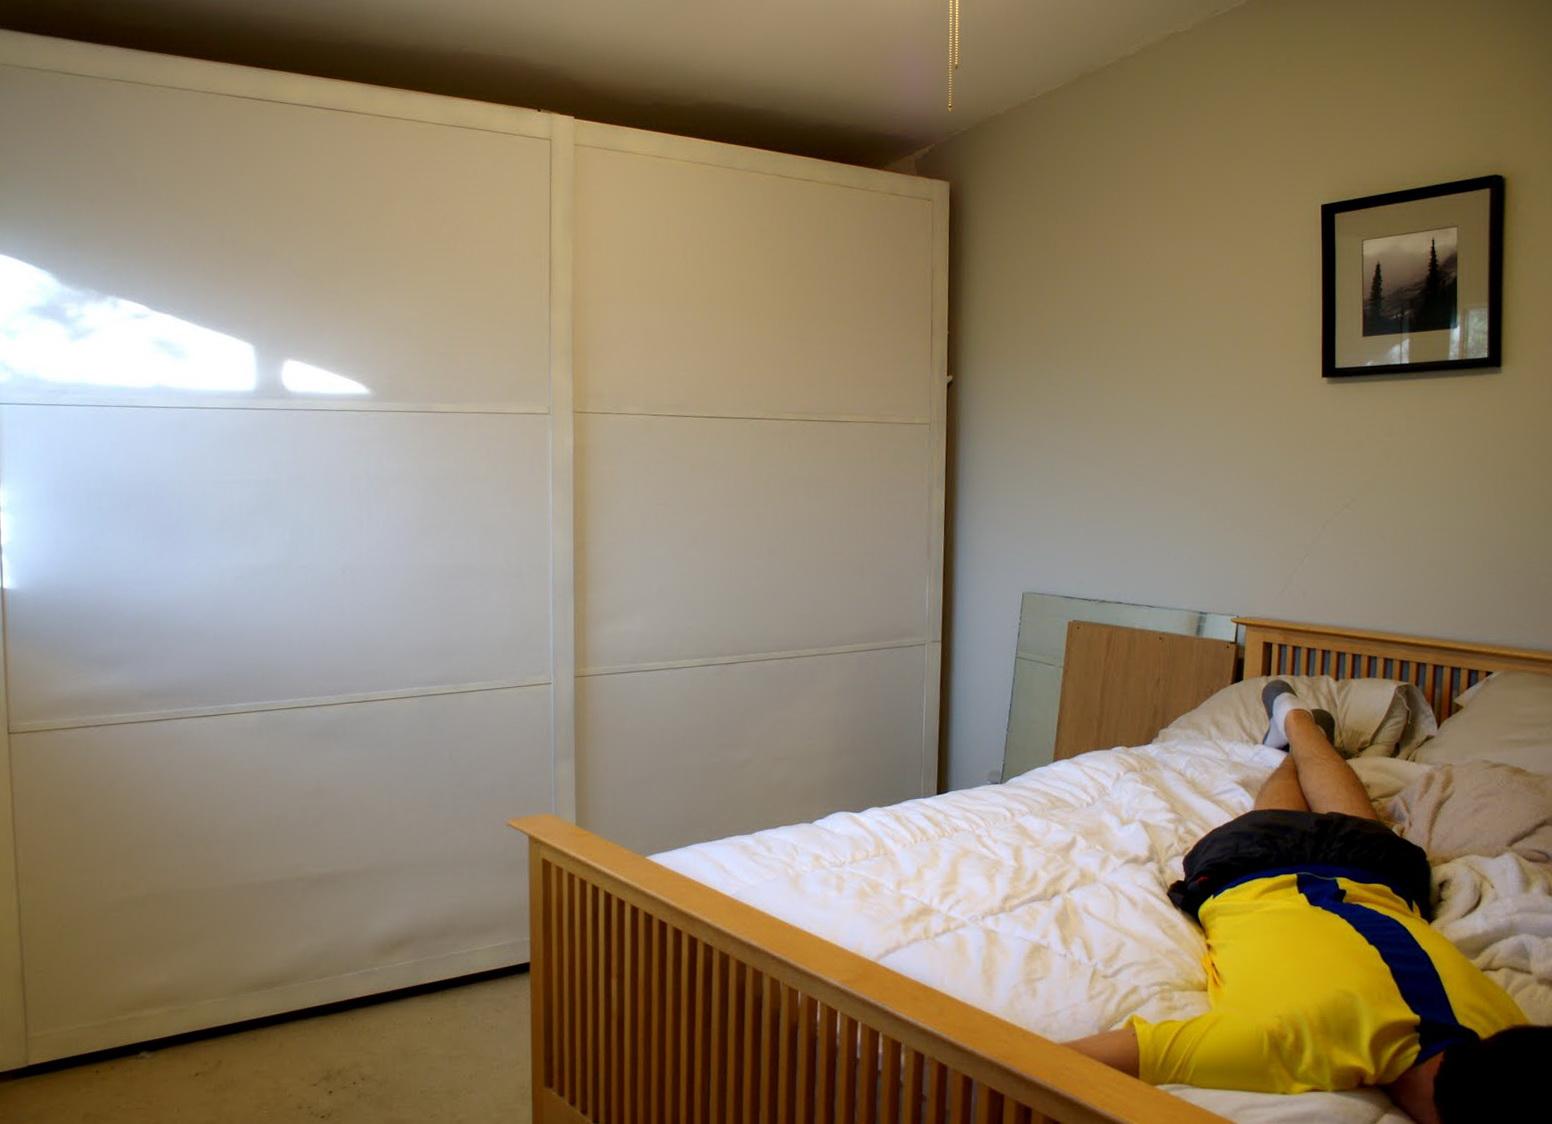 Ikea Sliding Doors Closet